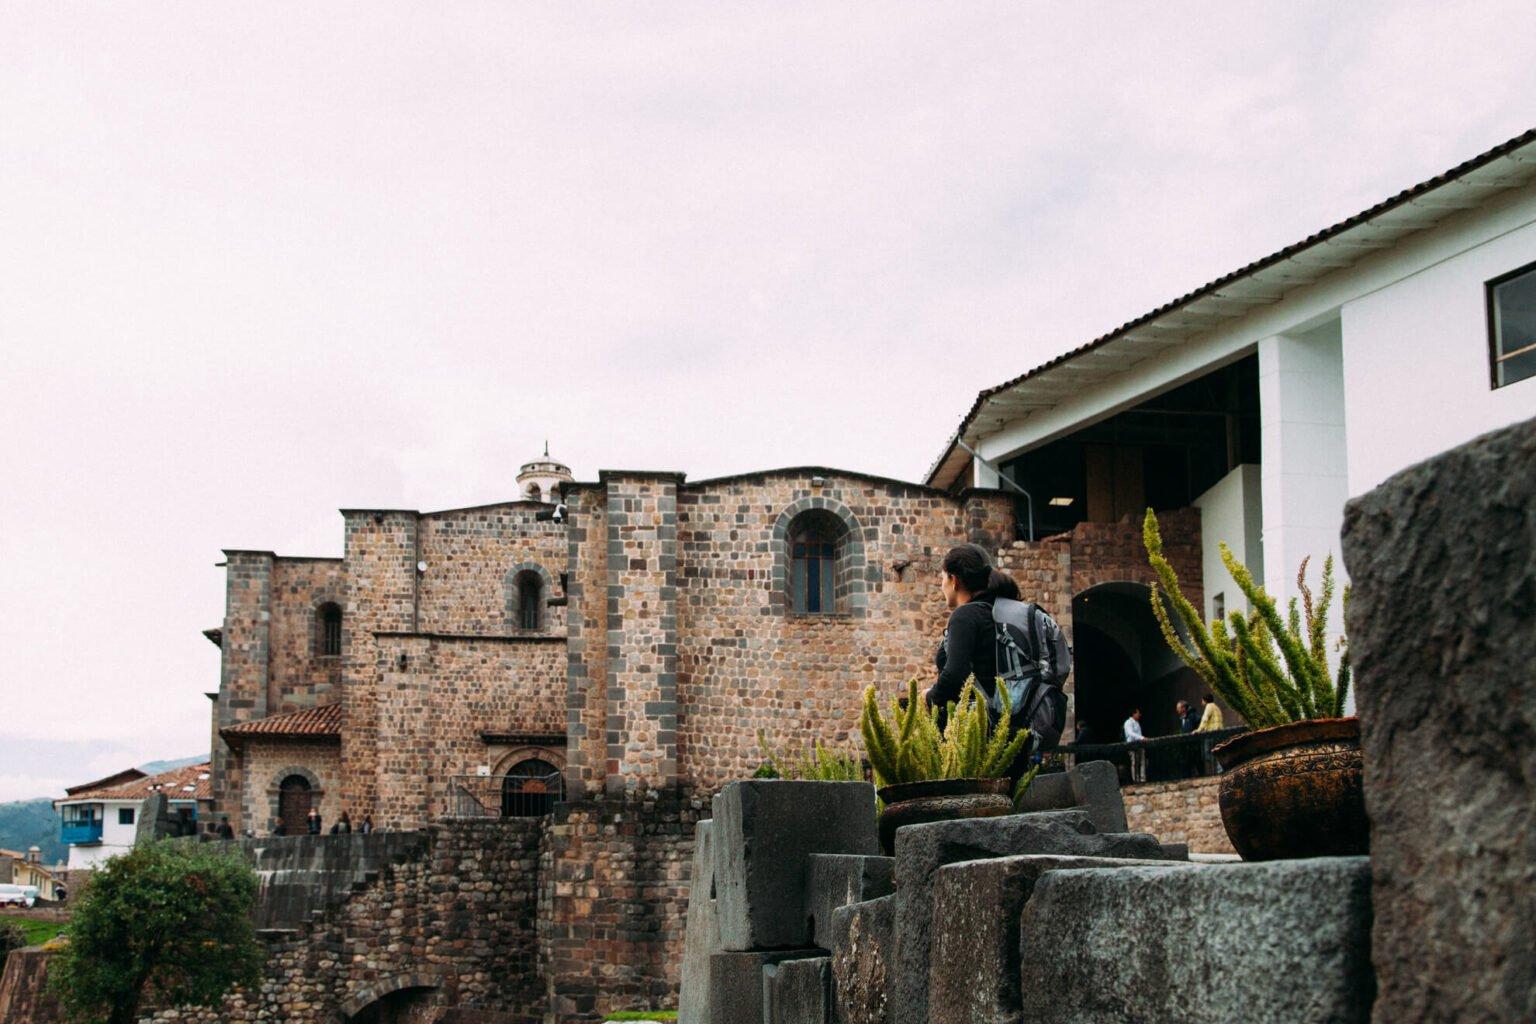 Parte externa, onde estão os jardins de Qorikancha